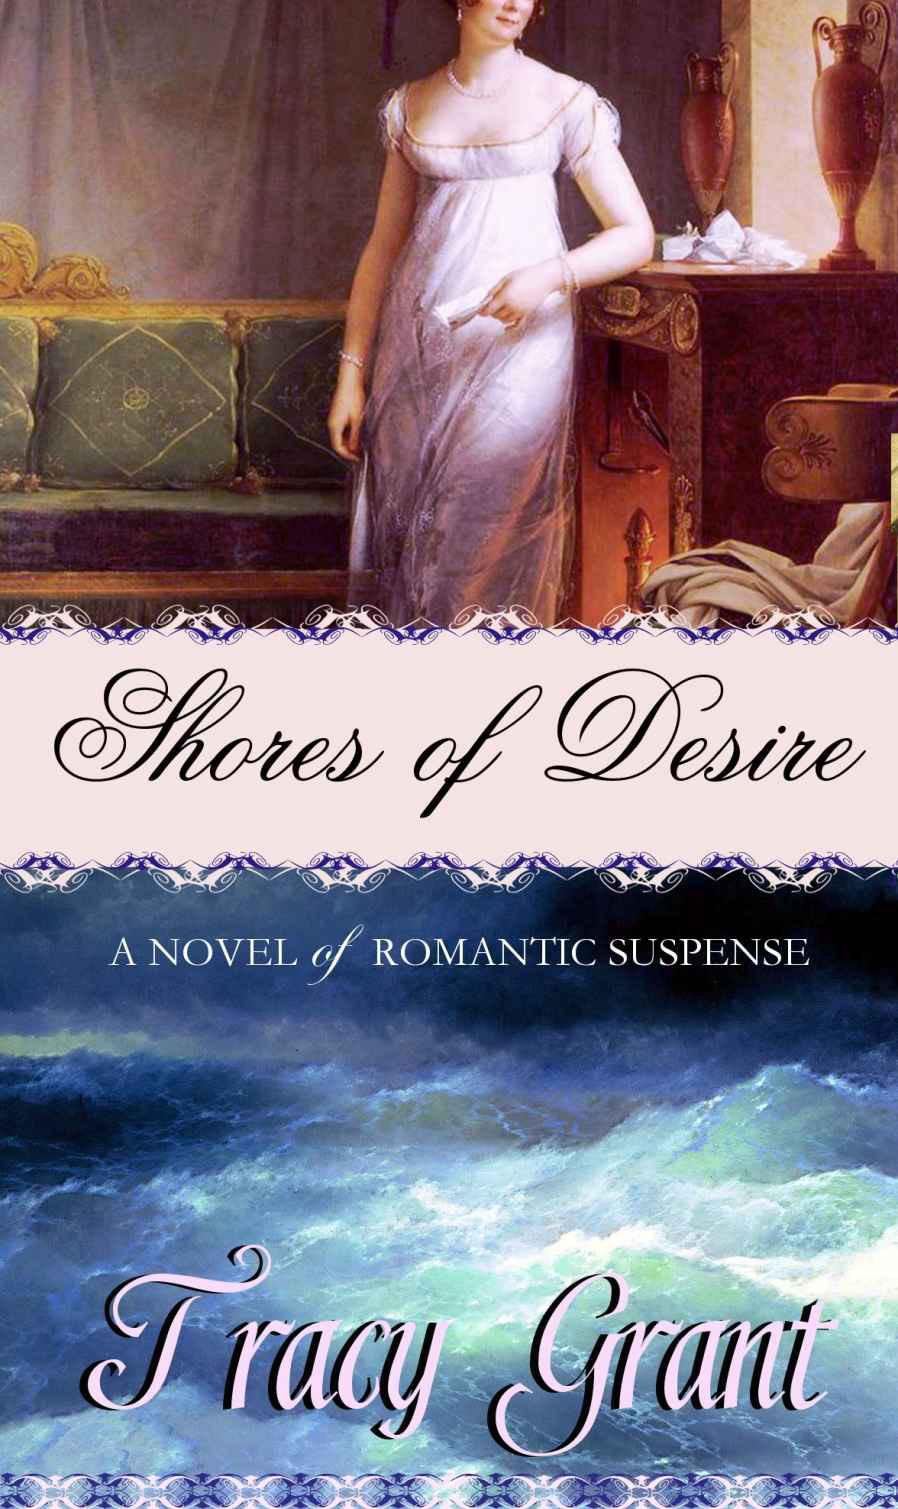 Shores-of-Desire